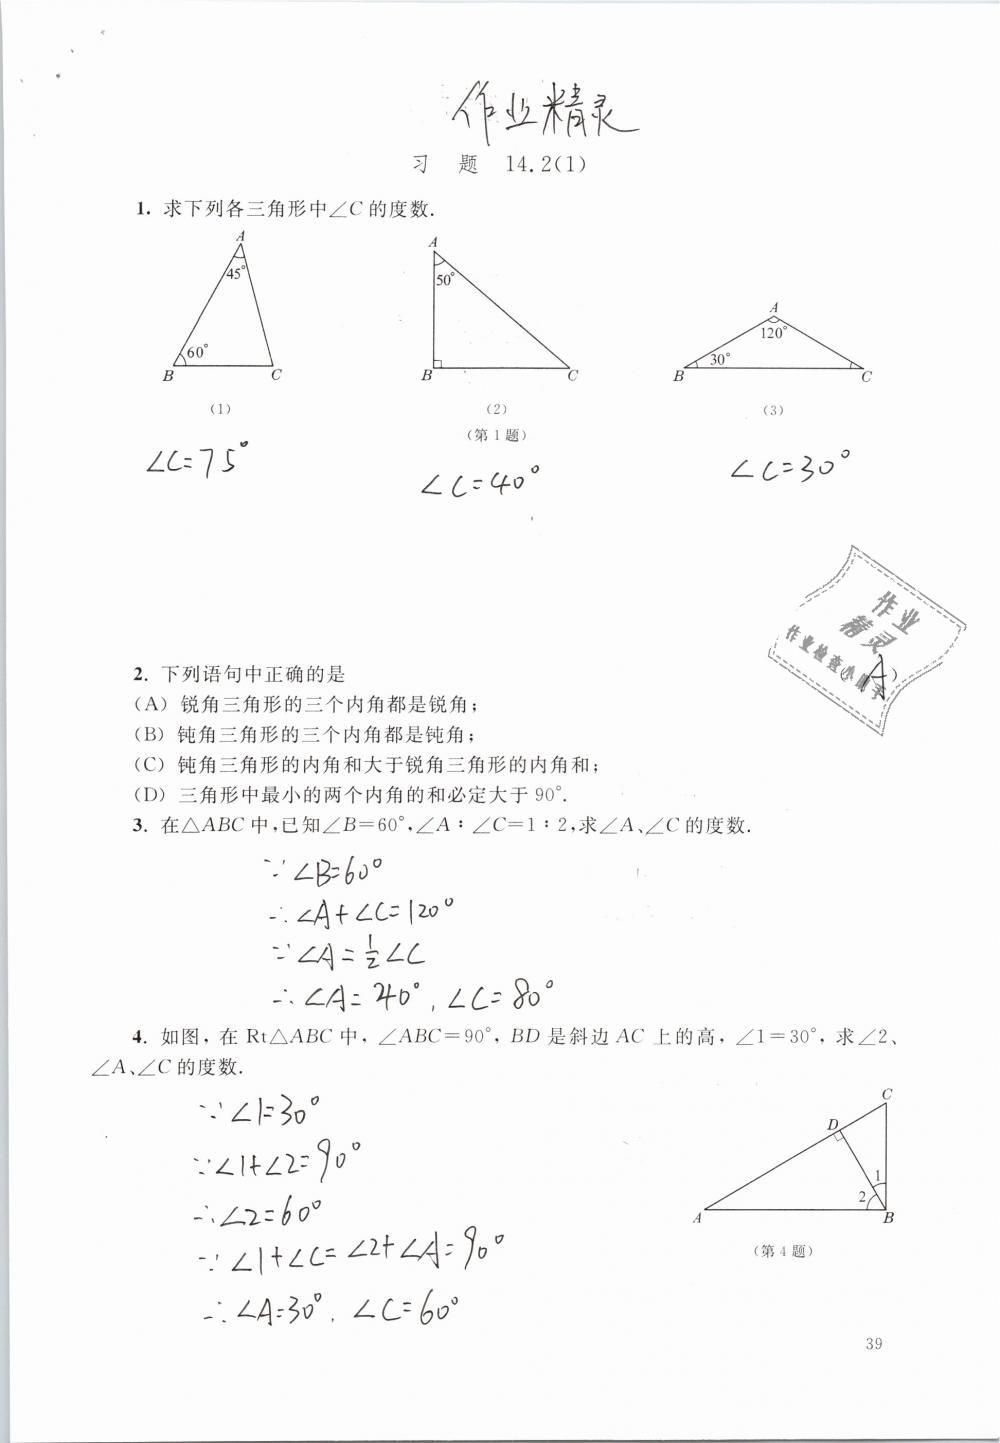 2019年数学练习部分七年级第二学期第39页